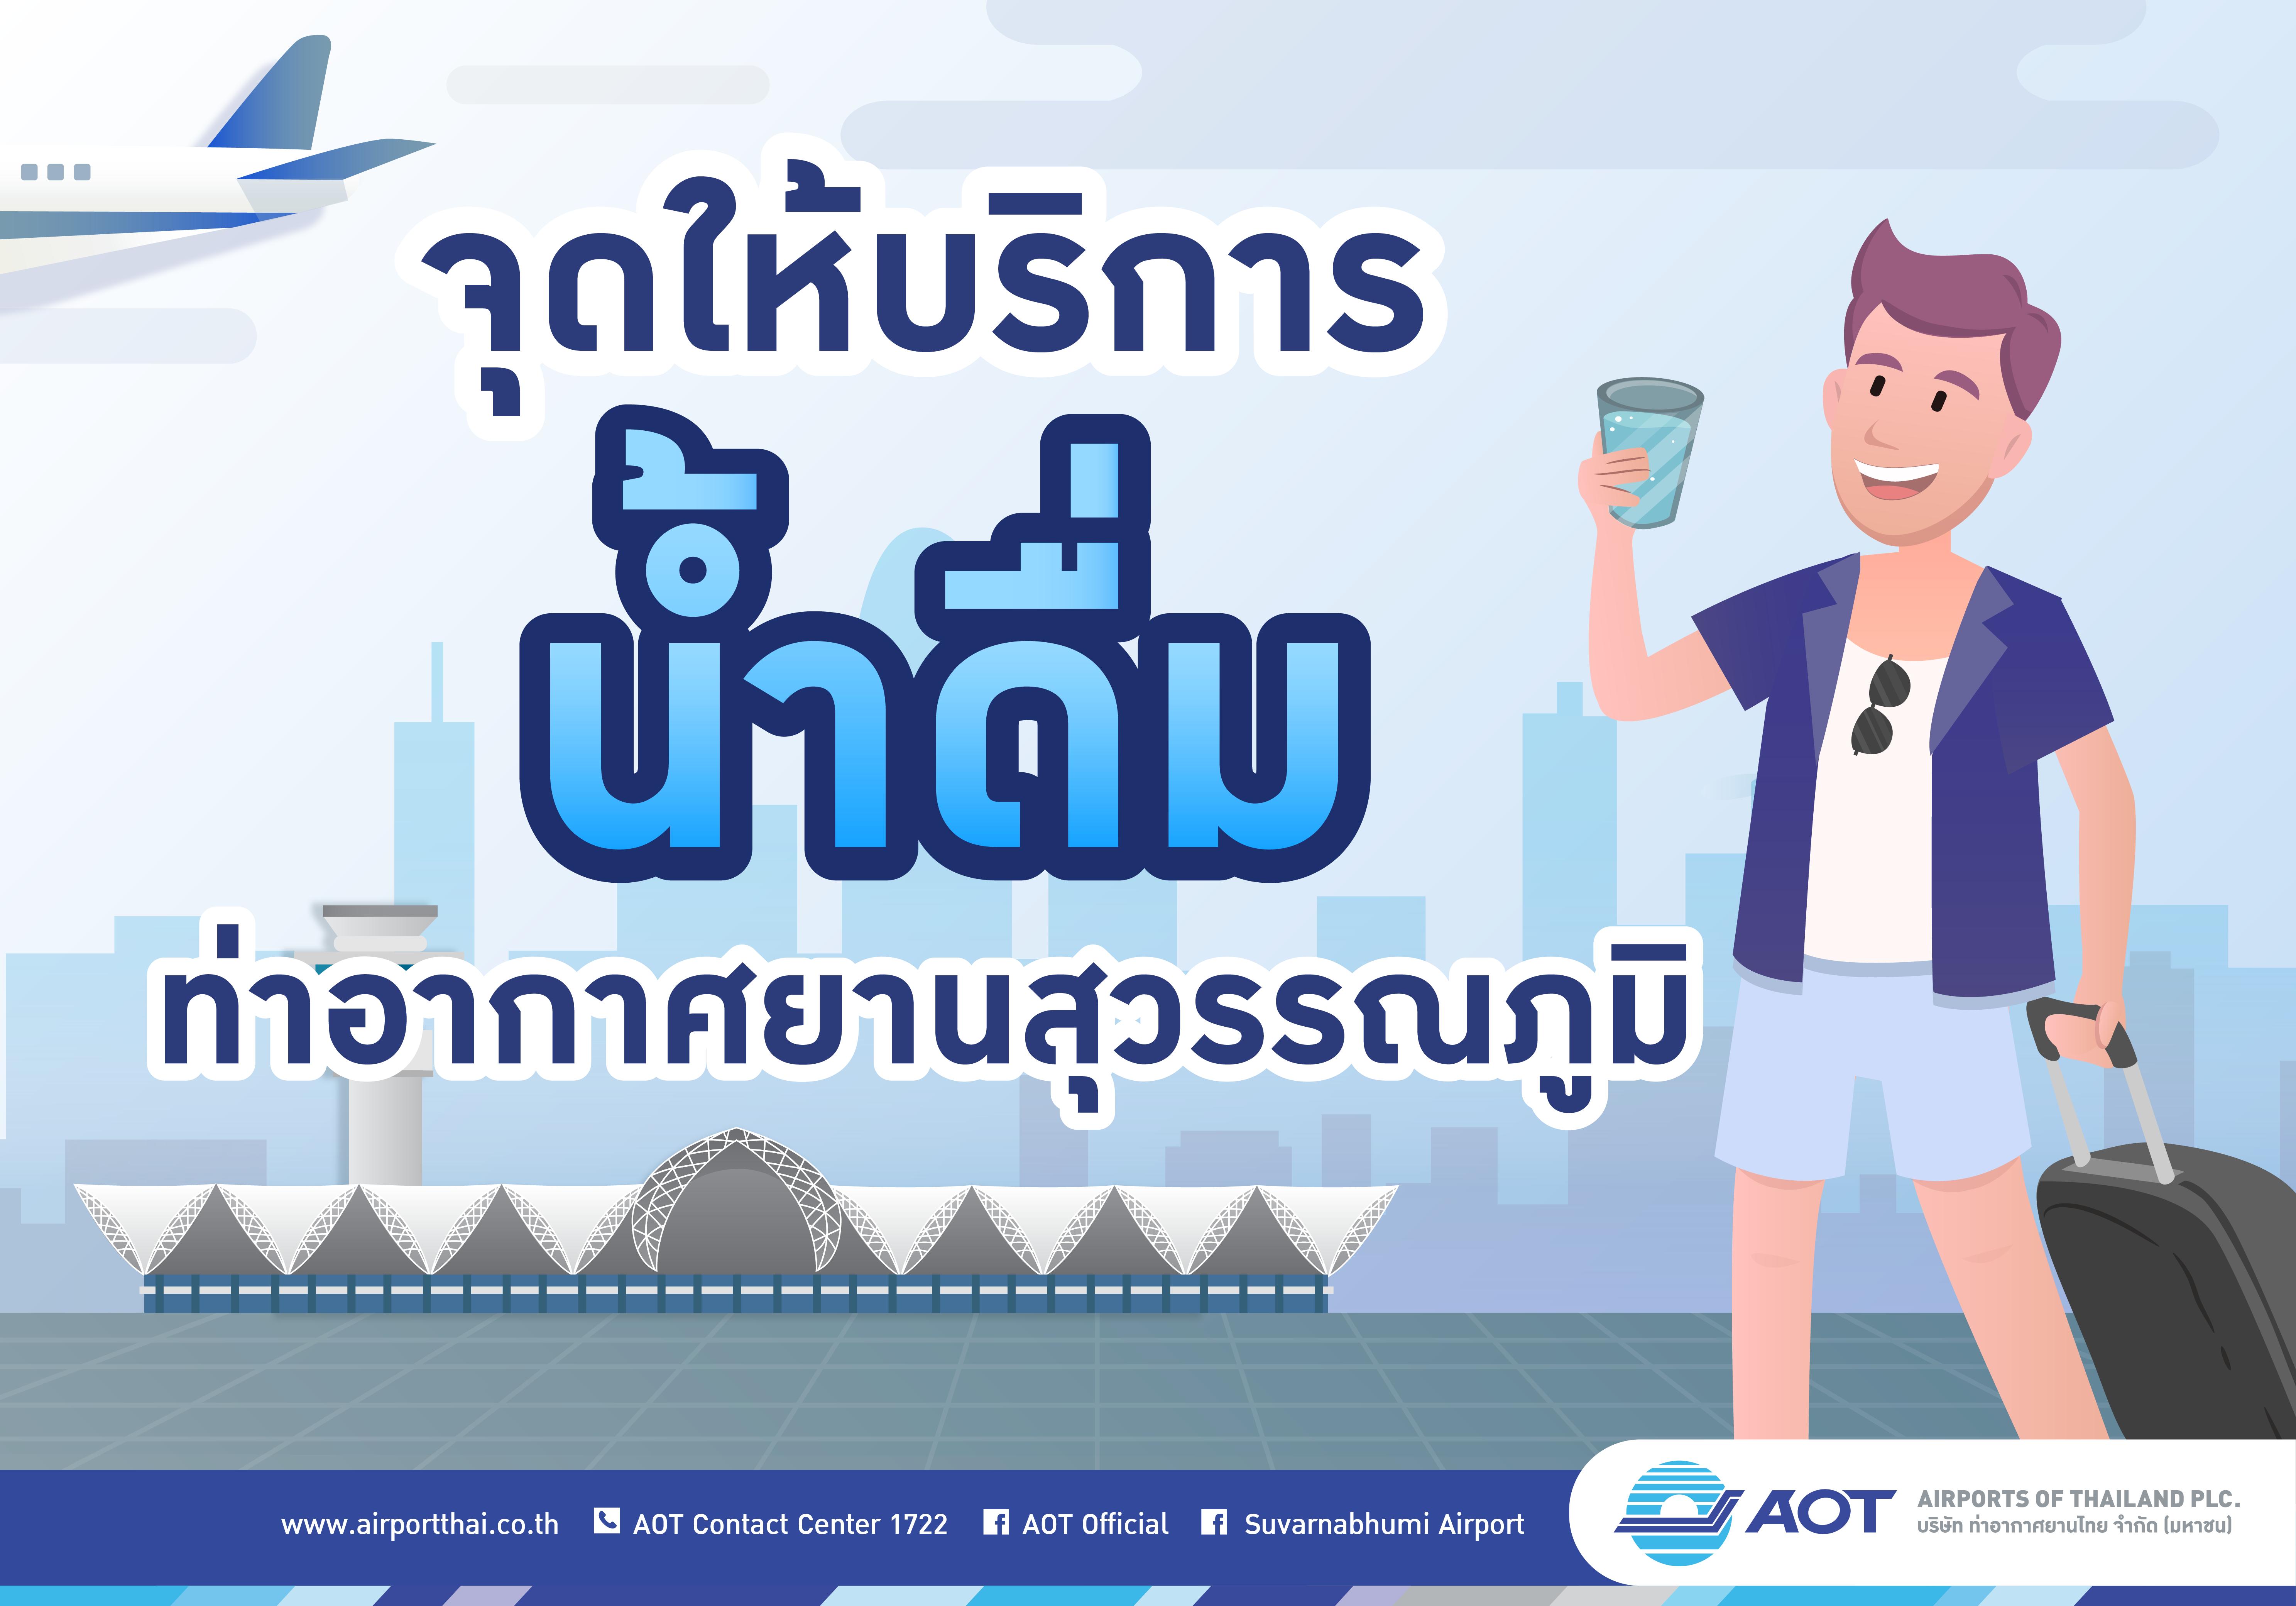 AOT_Info7_จุดบริการน้ำสุวรรณภูมิ_180607-01